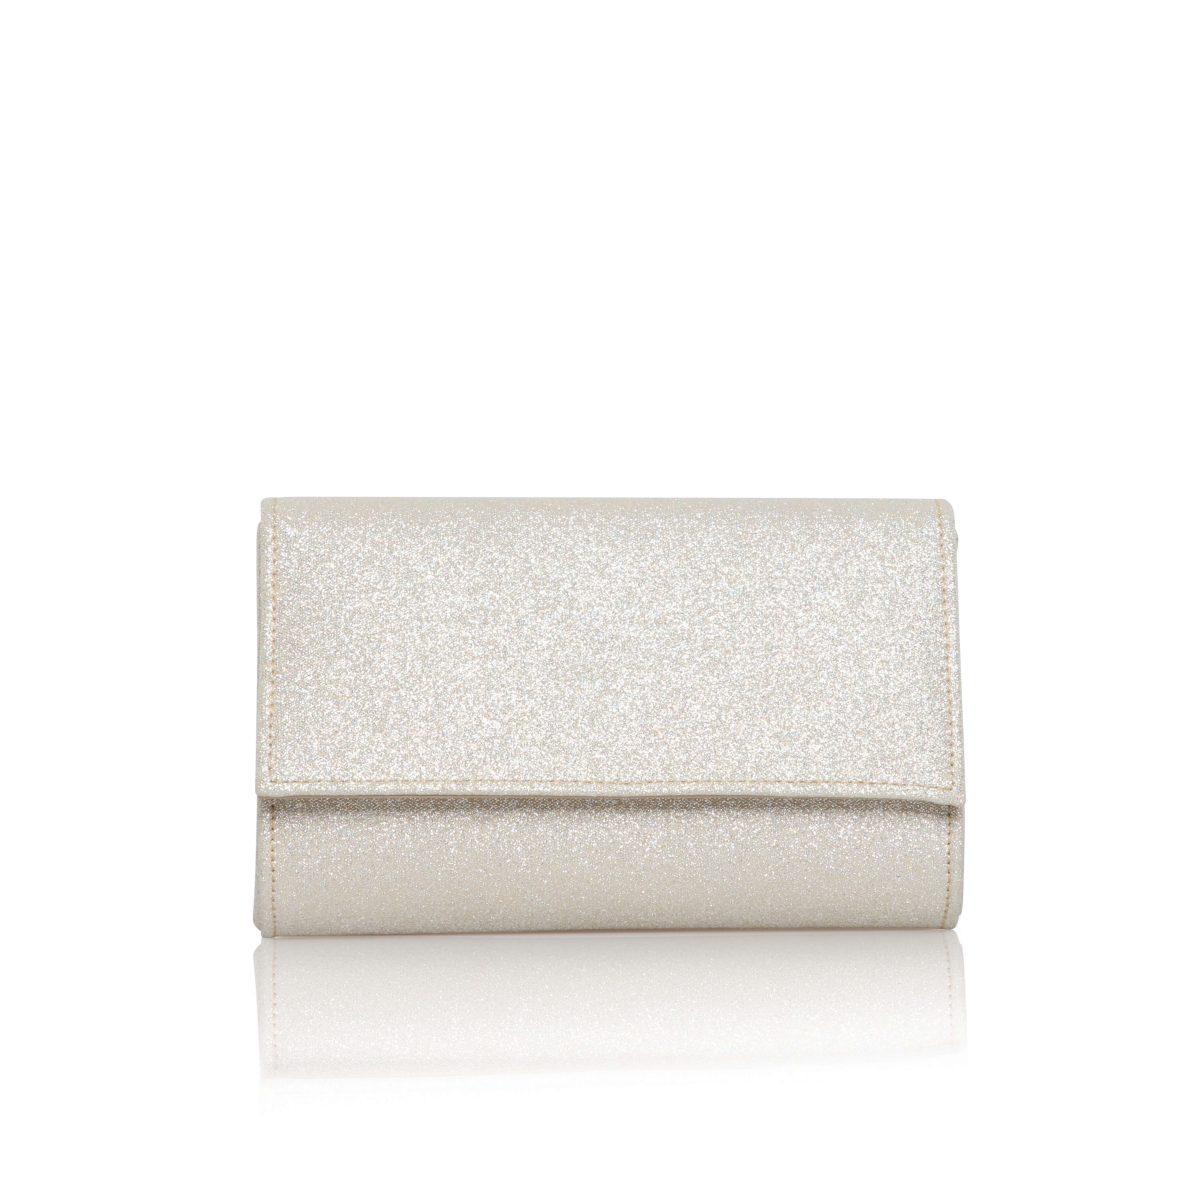 Perfect Bridal Lola Bridal Bag - Gold  Shimmer 1